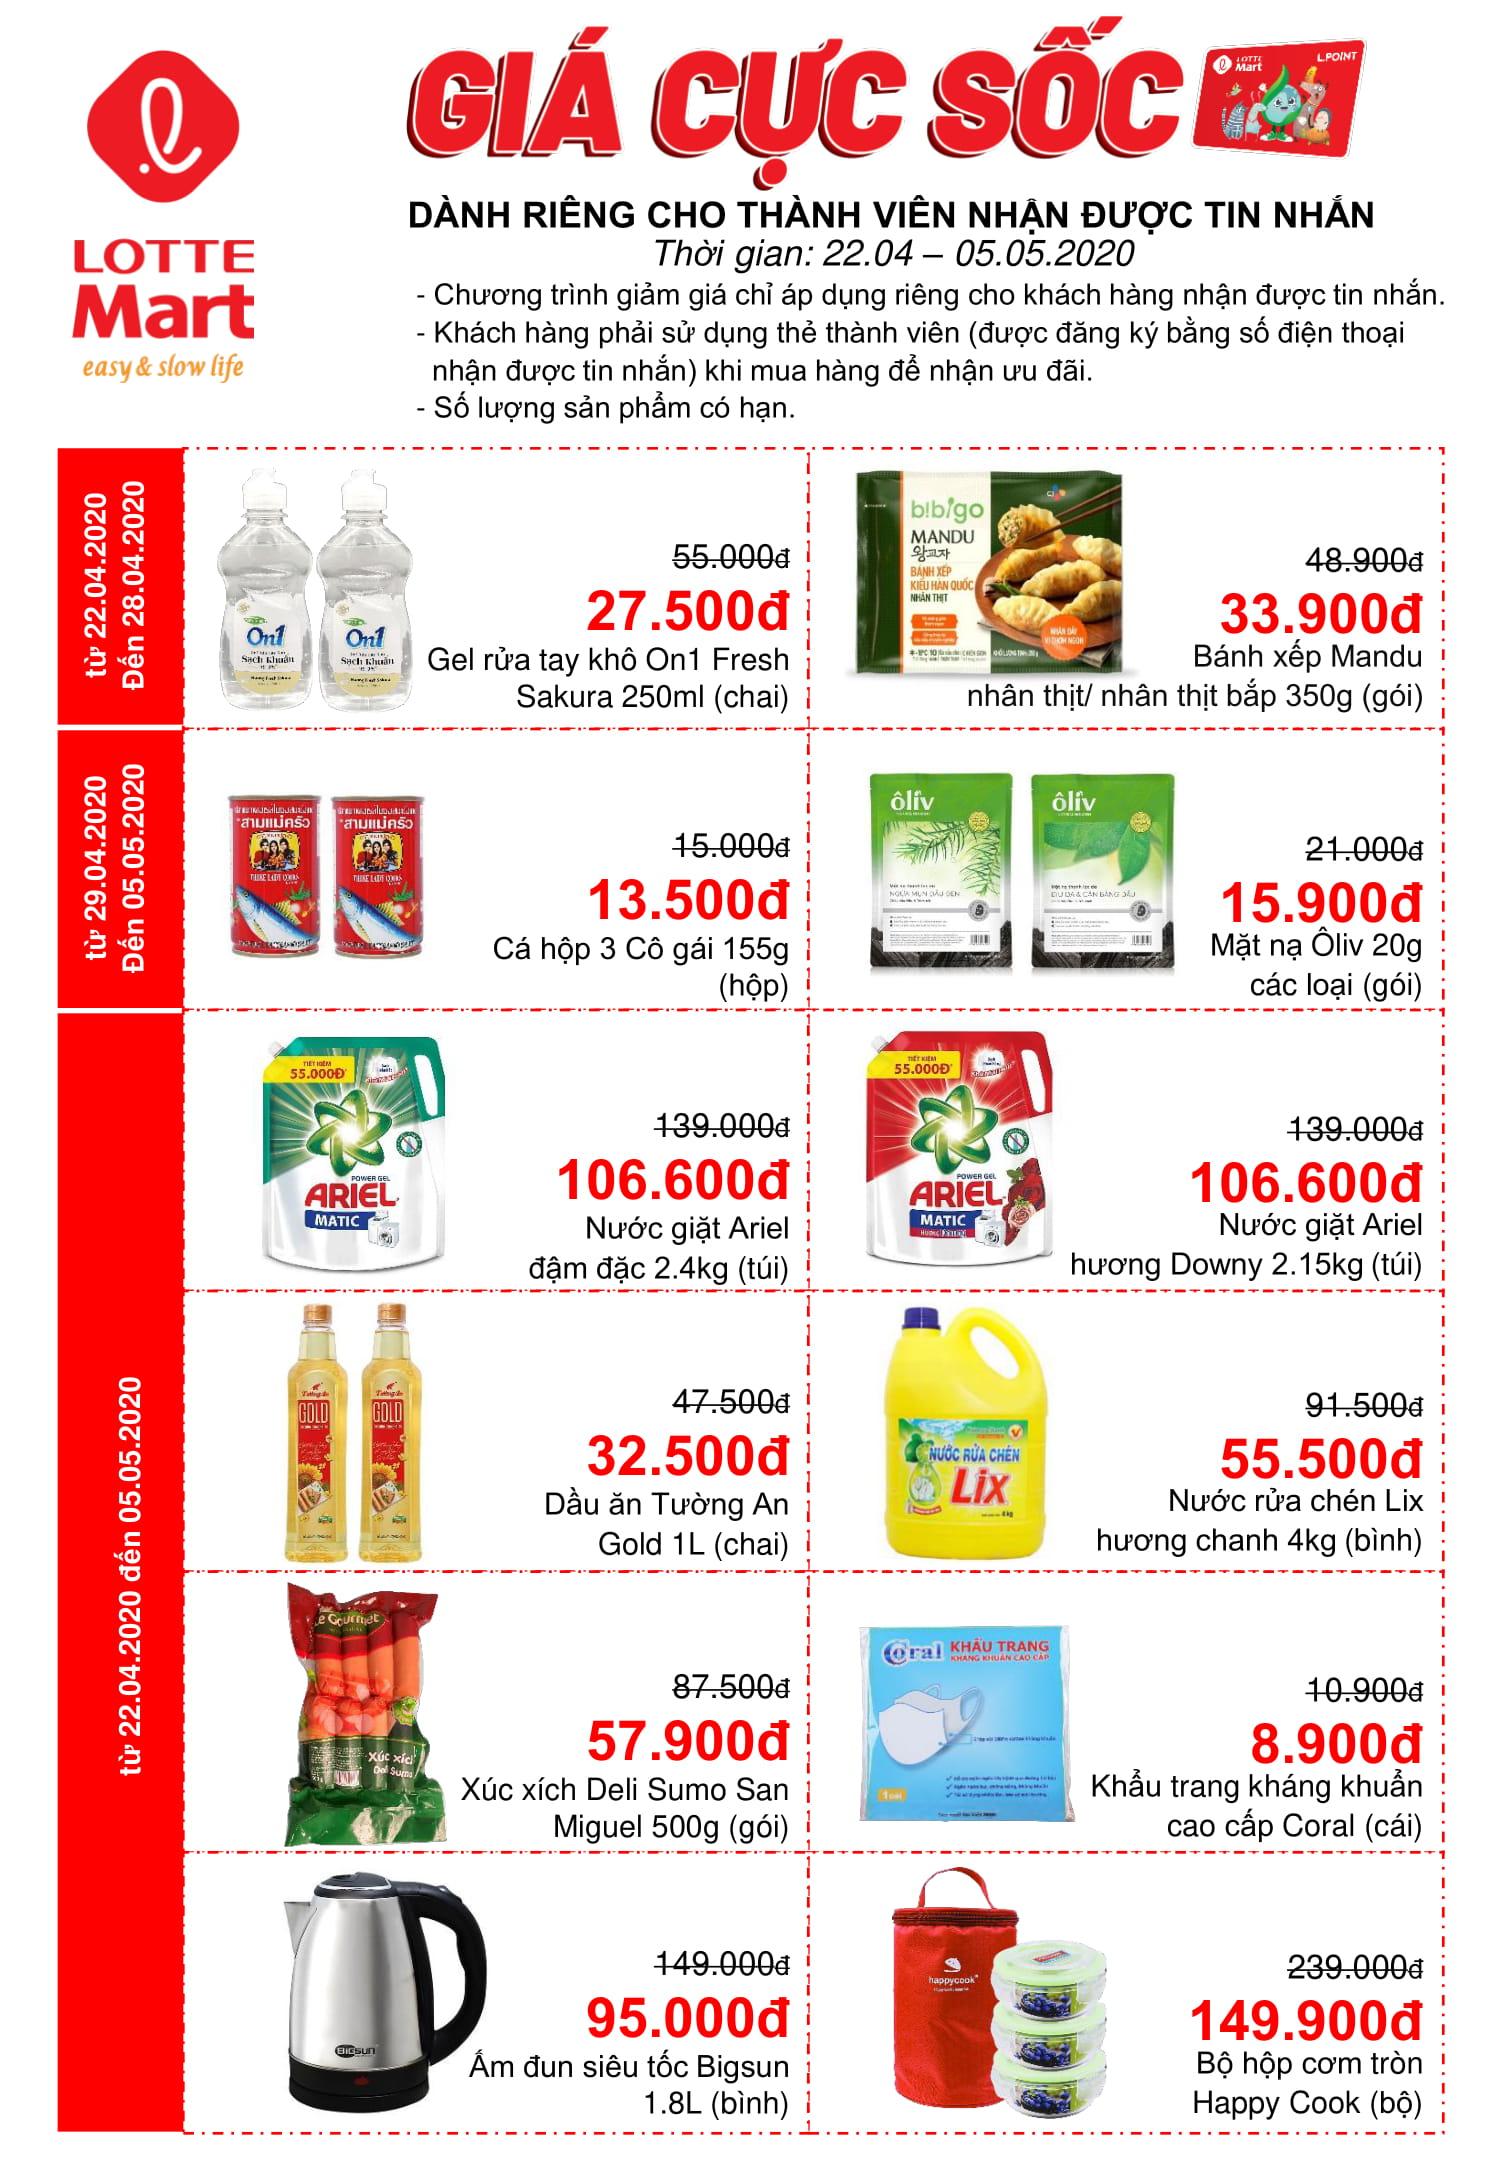 Giá cực sốc 22.04 - 05.05